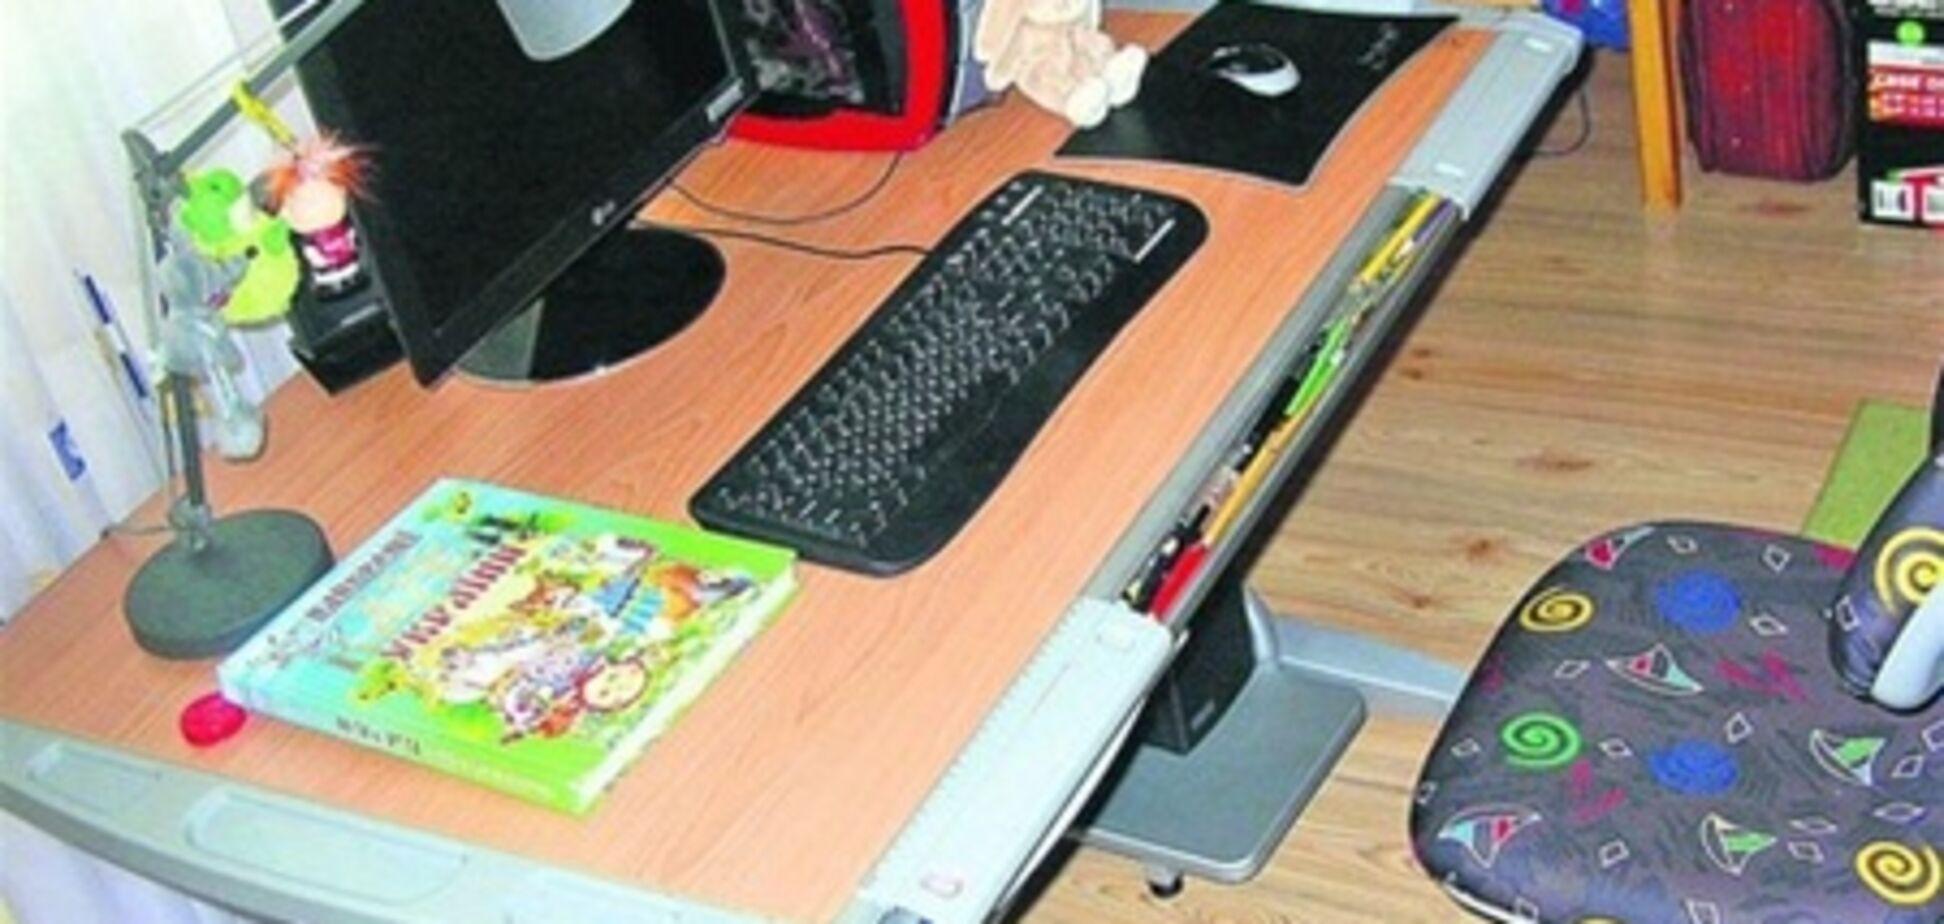 Как правильно оборудовать рабочее место для школьника